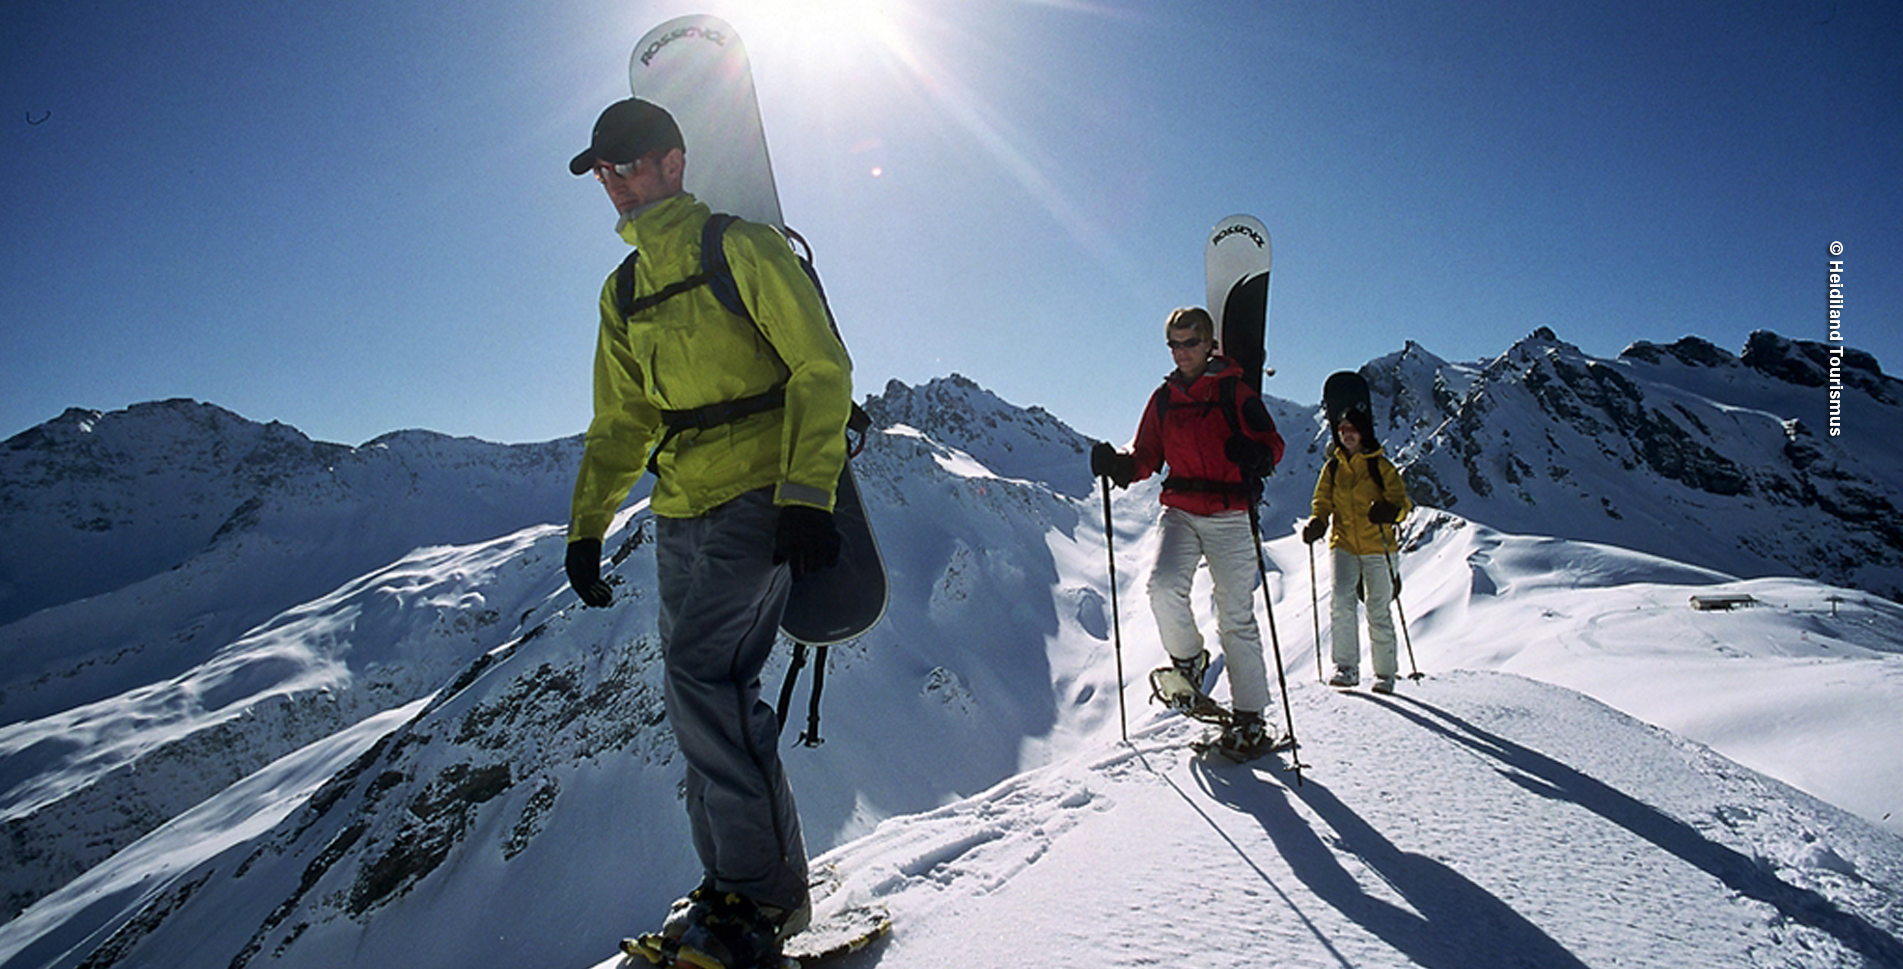 Schnesschuhtour im Pizol von Pardiel, oberhalb Bad Ragaz, nach Laufböden